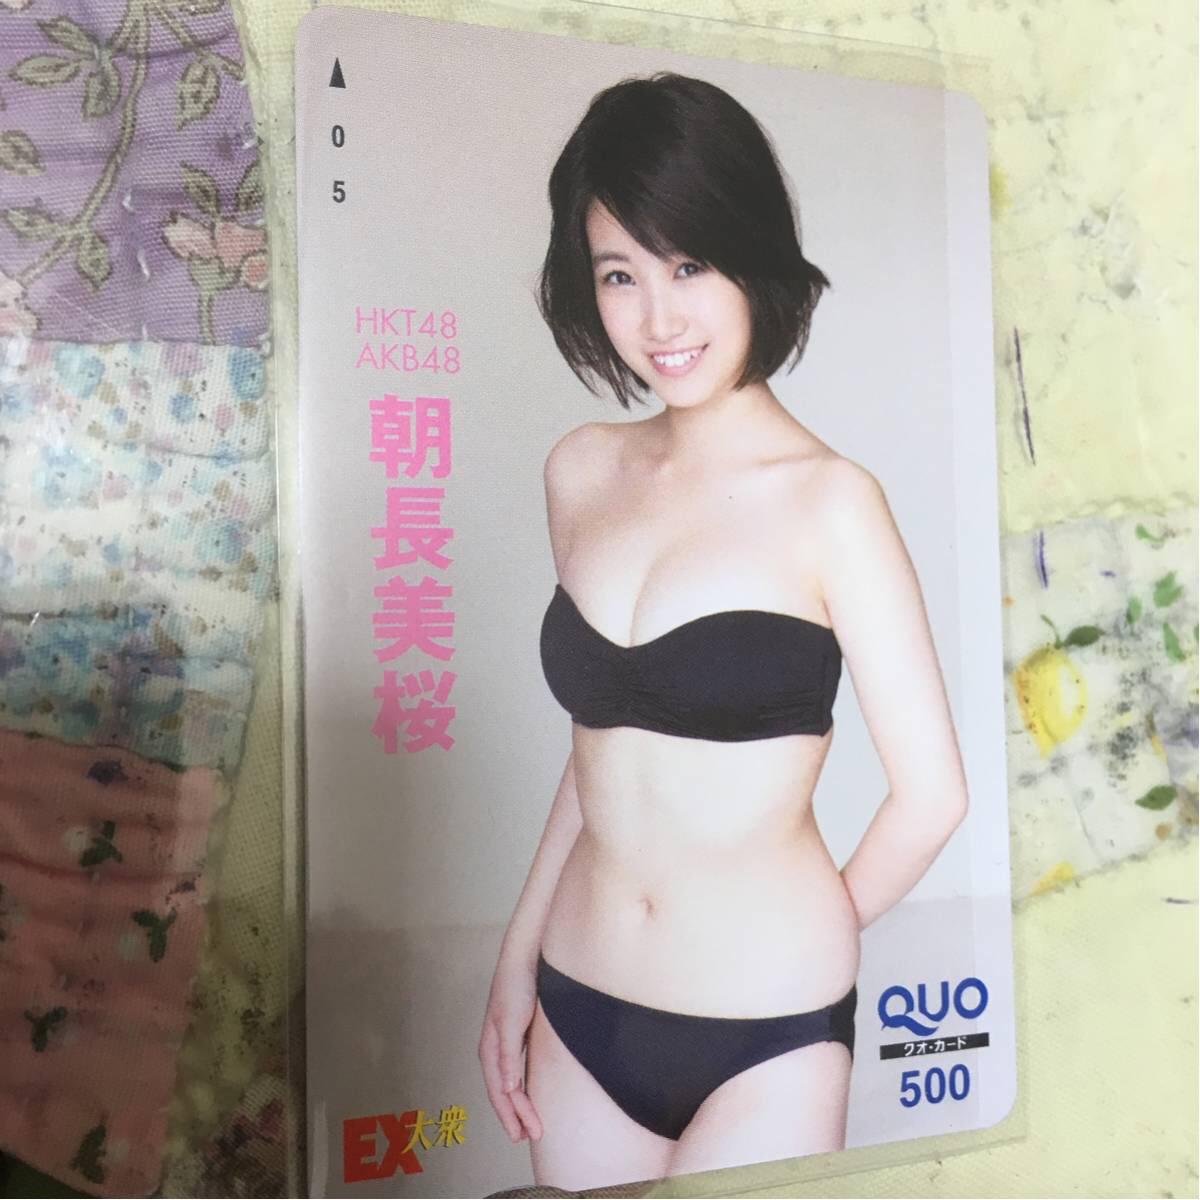 【美品】HKT48朝長美桜クオカード ライブグッズの画像